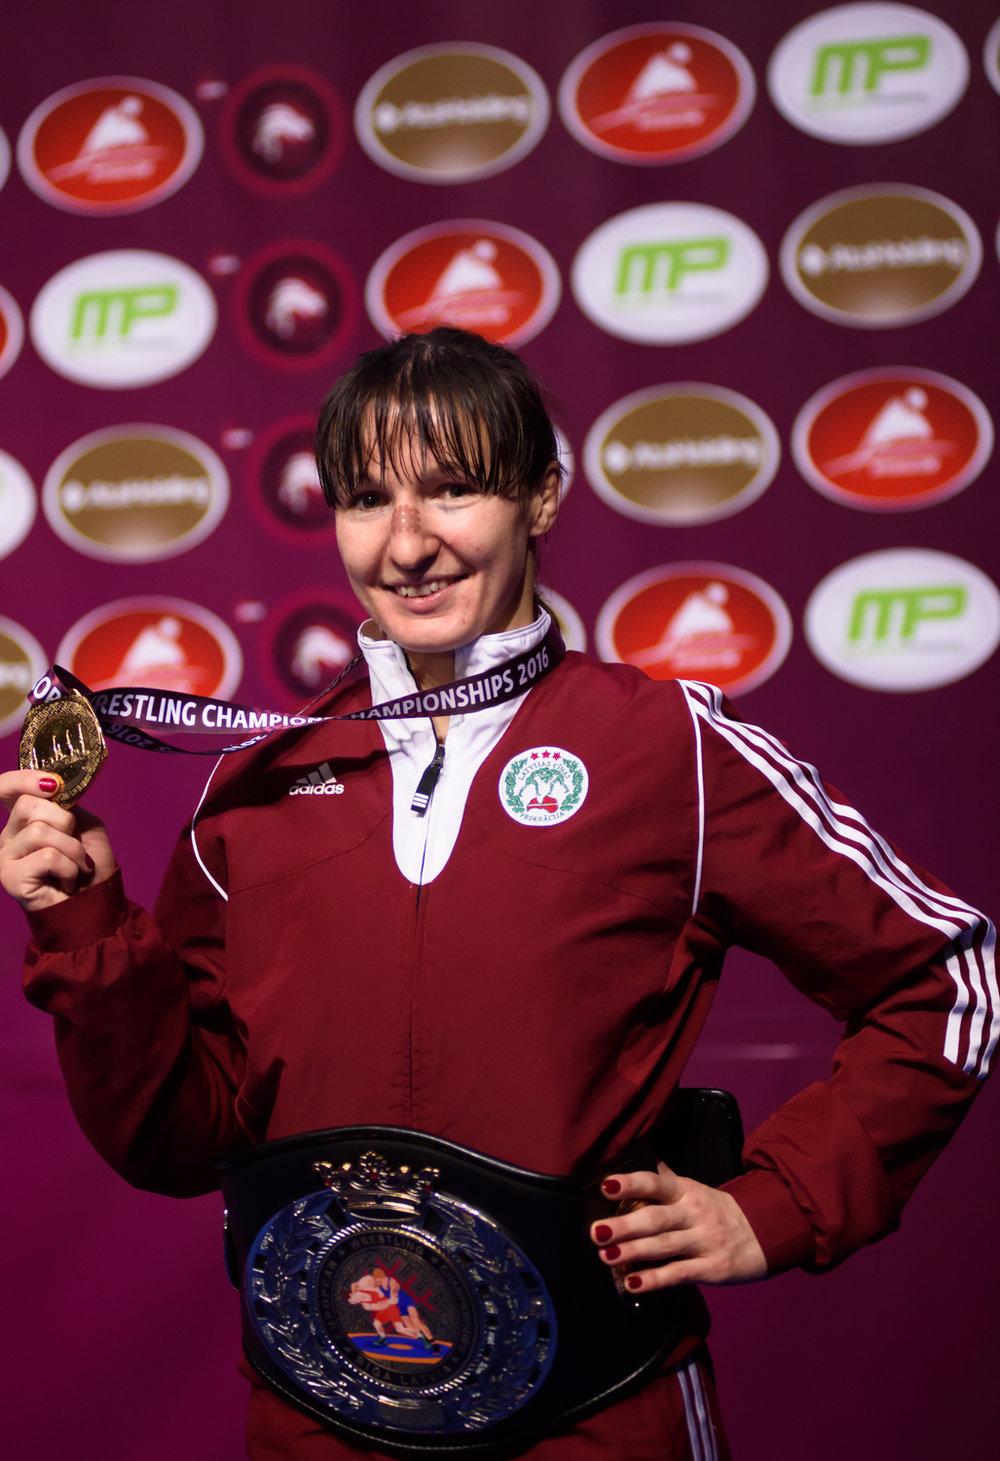 08.03.2016. Anastasija Grigorjeva kļūst par Četrkārtēju Eiropas čempioni. Eiropas Čempionāts Brīvajā cīņā. Arēna Rīga.